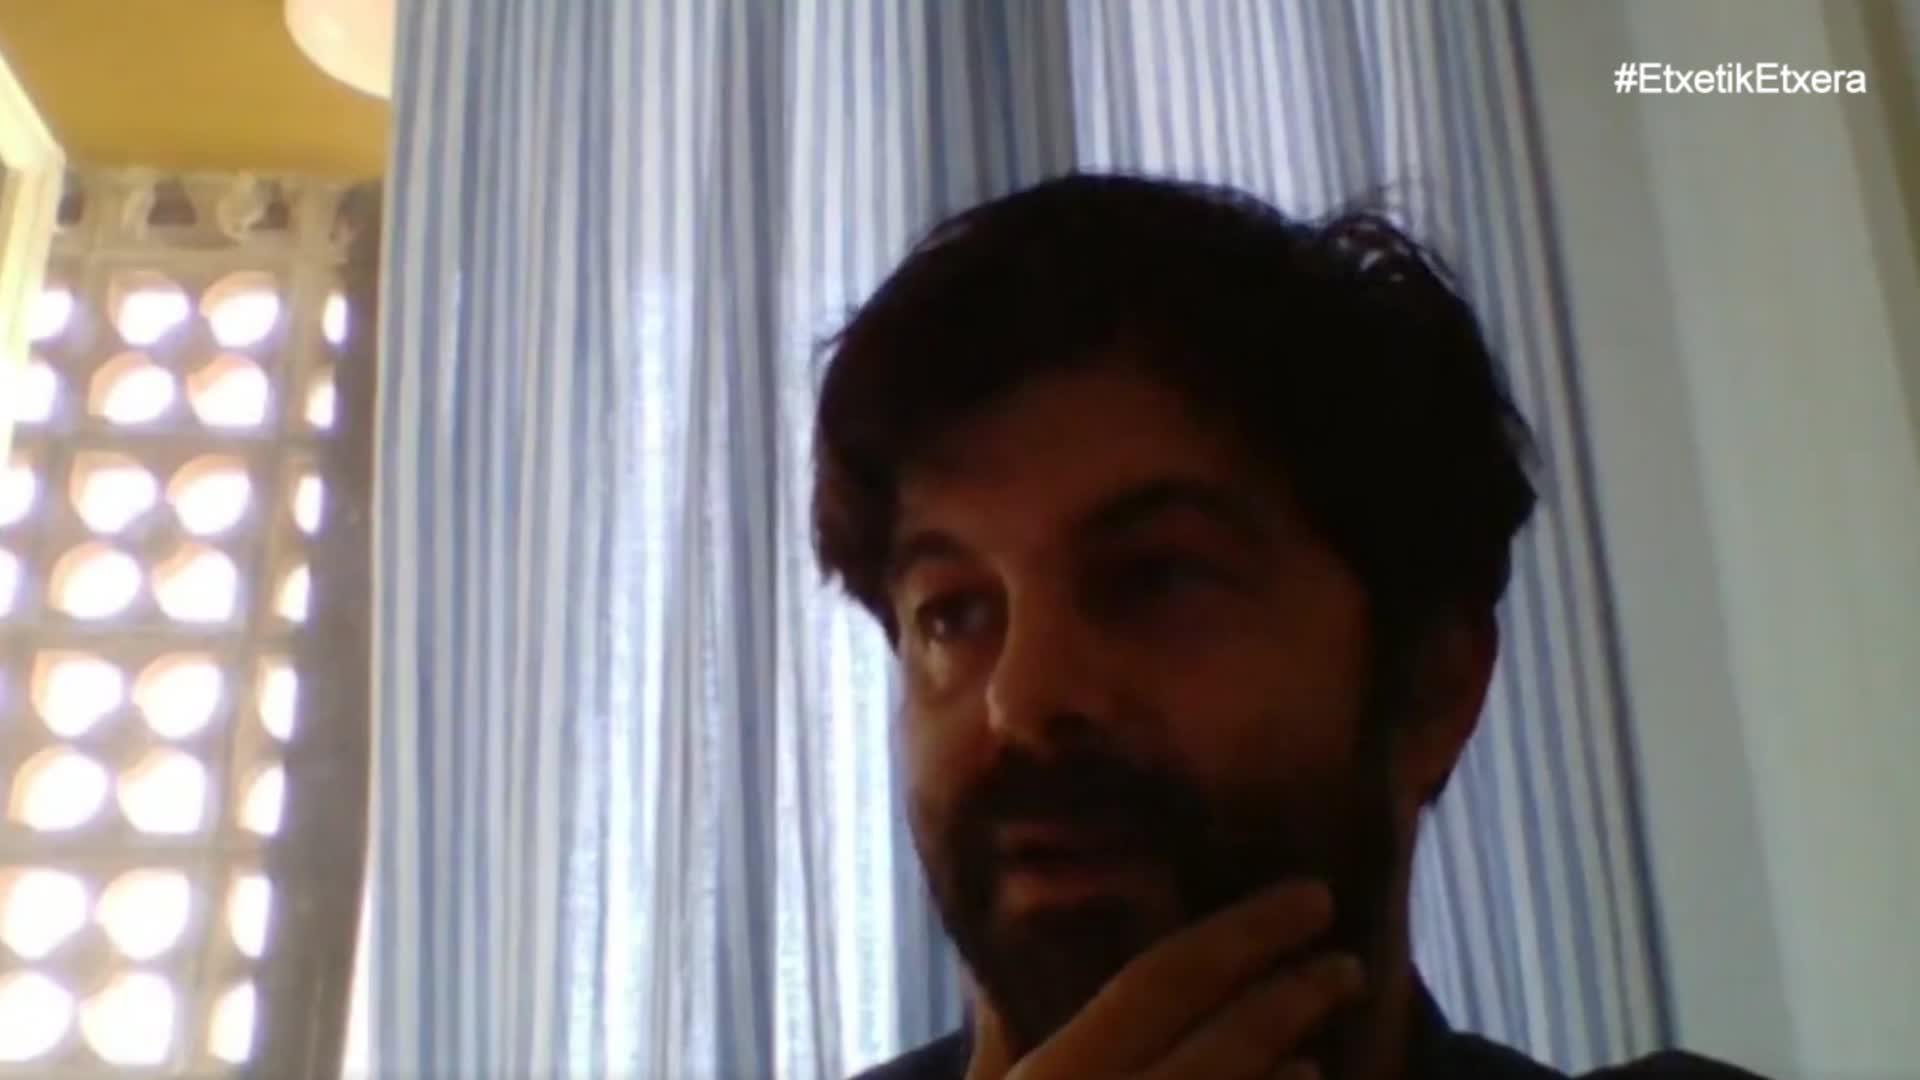 Etxetik etxera, Imanol Agirre